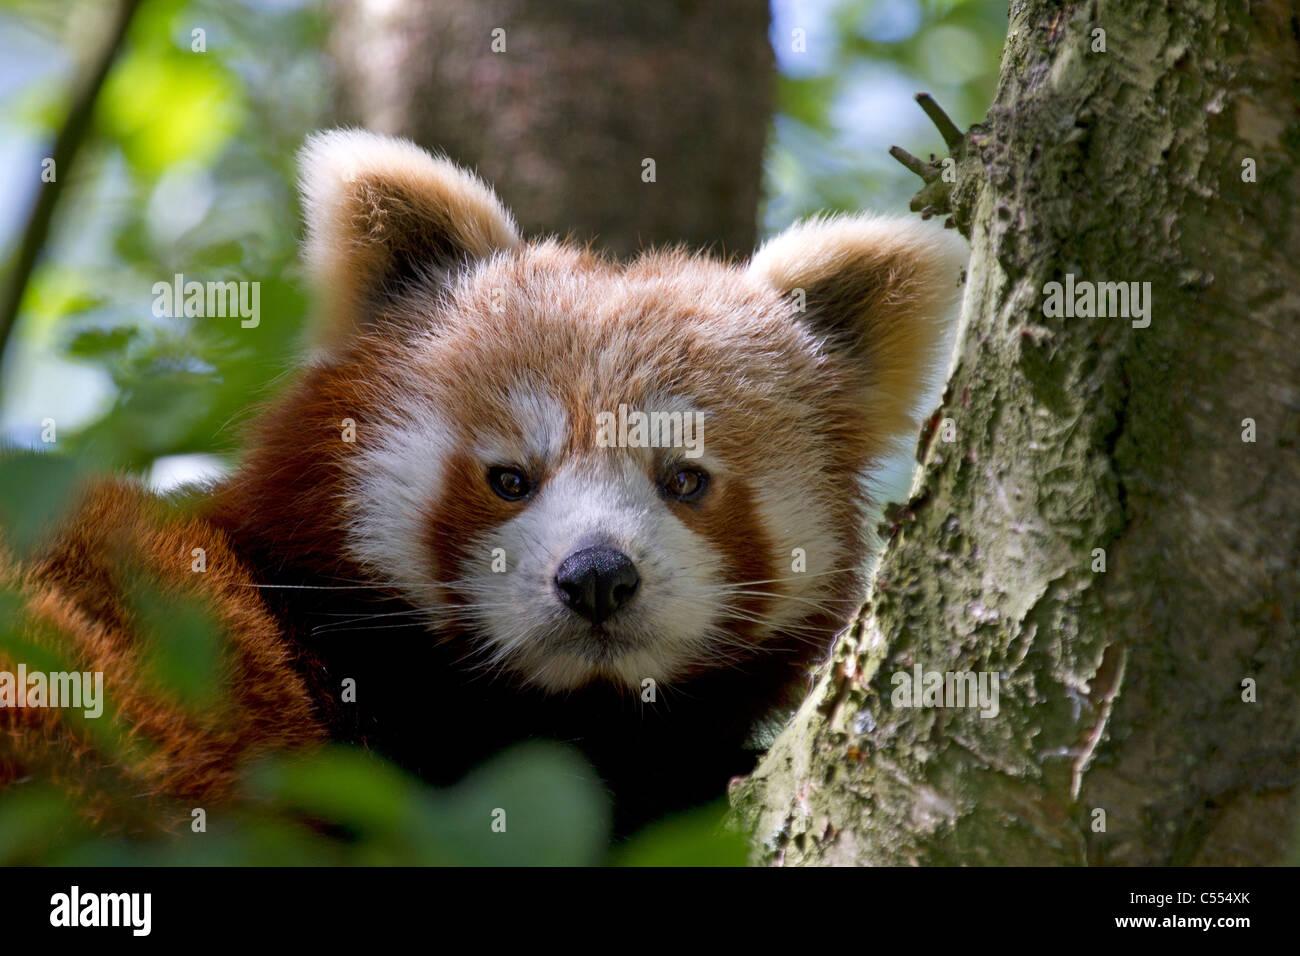 Roter Panda Ailurus Fulgens in Baum ruht Stockbild